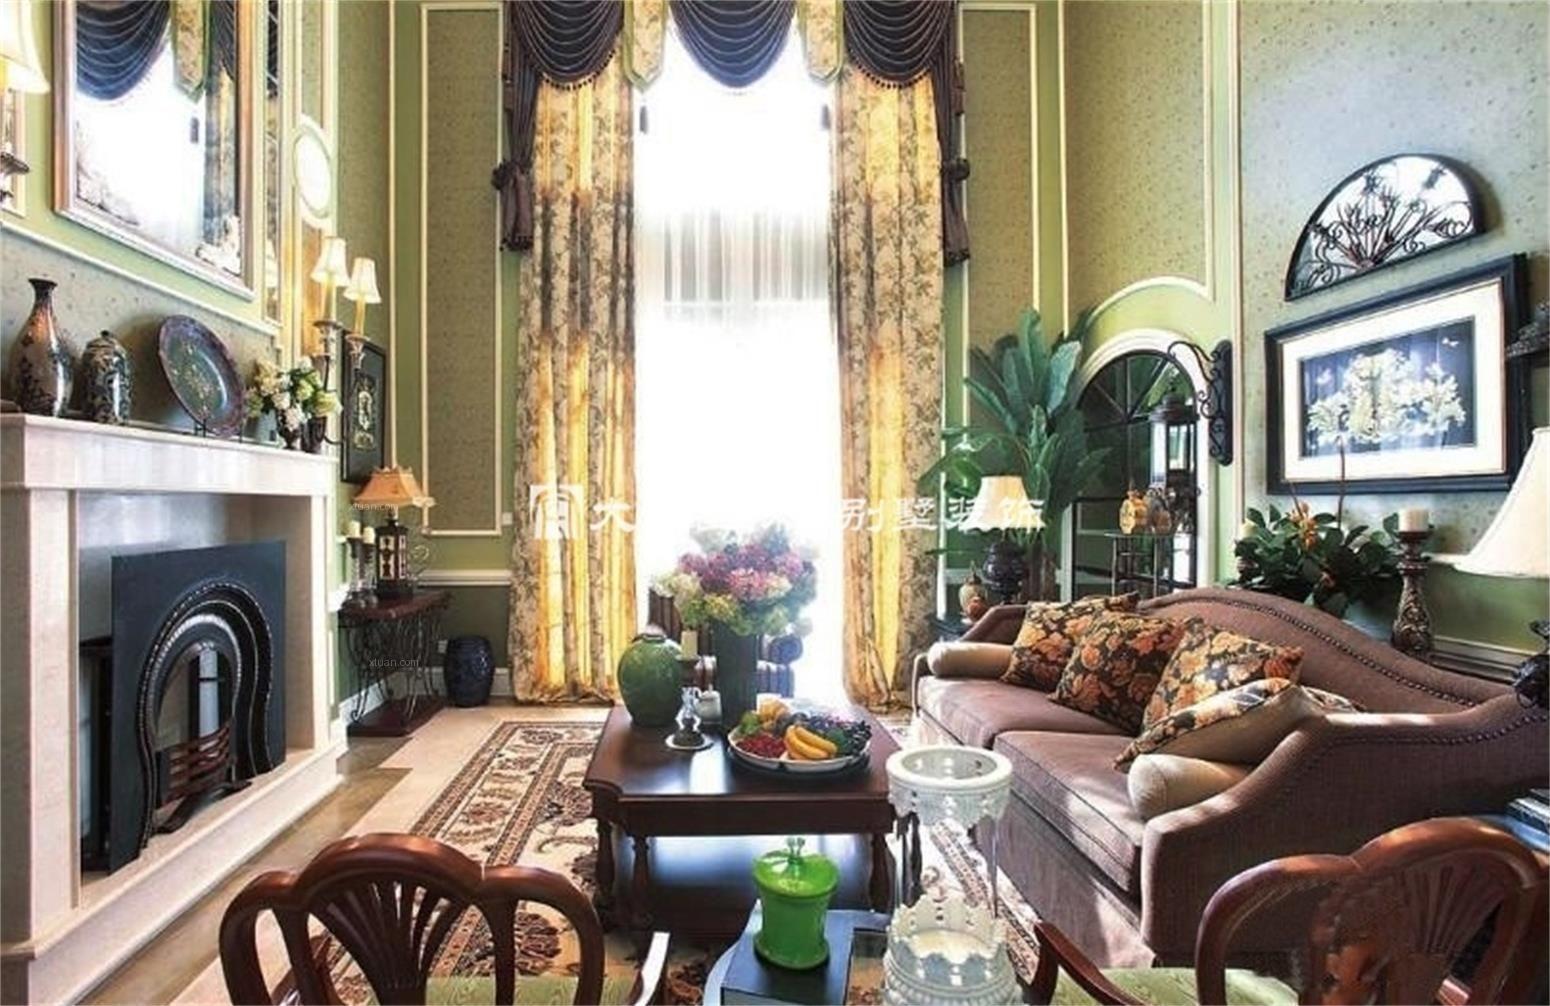 田园风光 自然舒适美式新古典别墅设计